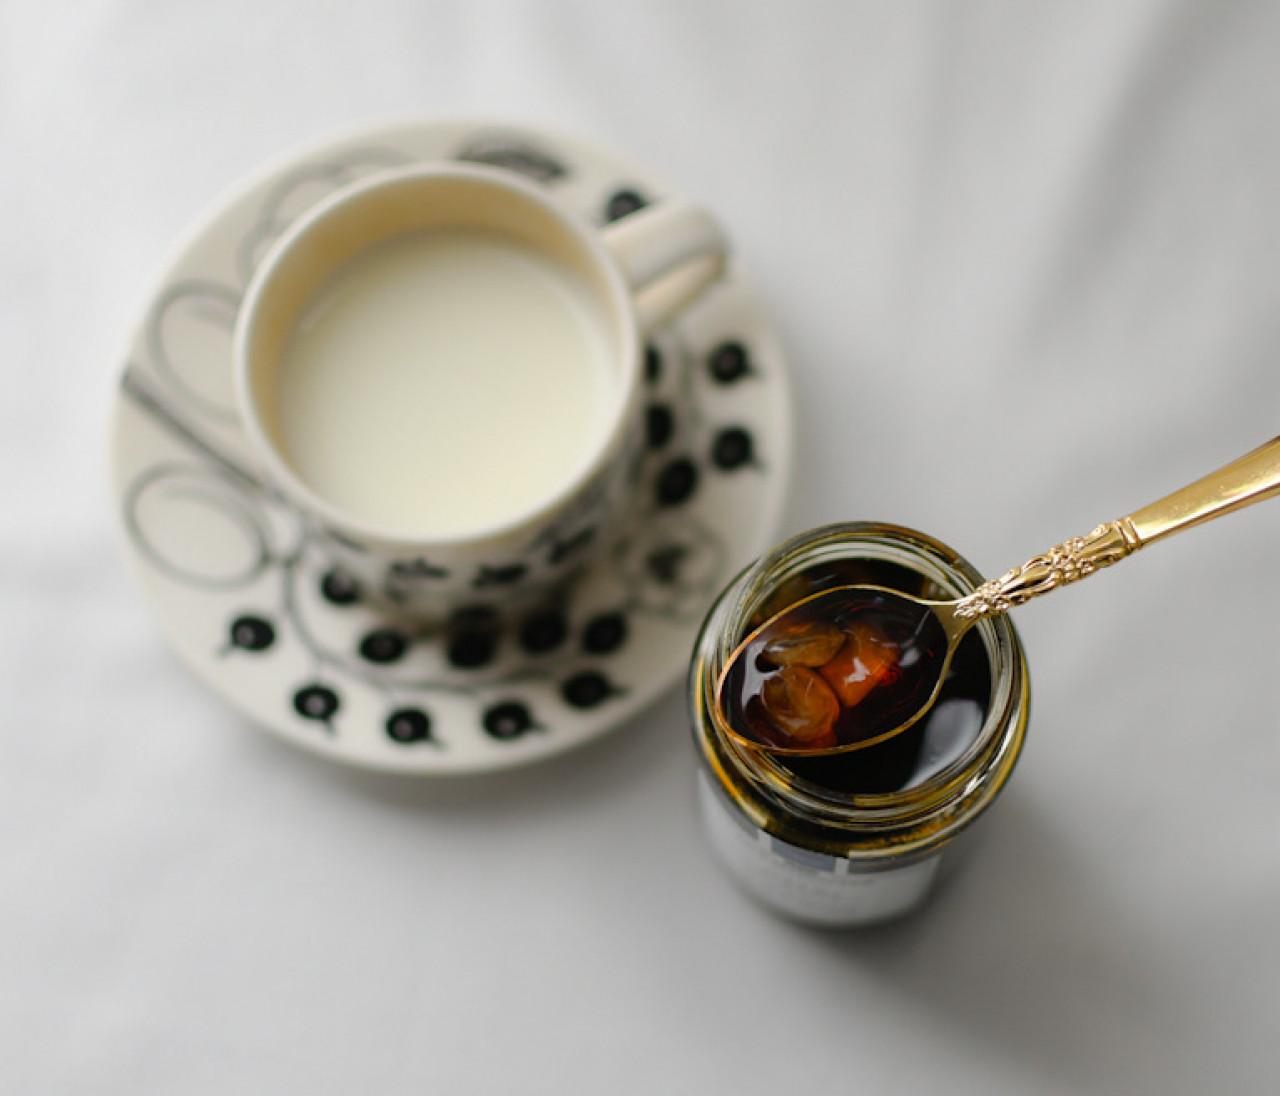 【カルディ】品切れ続出、旧ドイツ王室御用達メーカーが作る「チャイ キャンディス」で冬の紅茶がここまでグレードアップ!